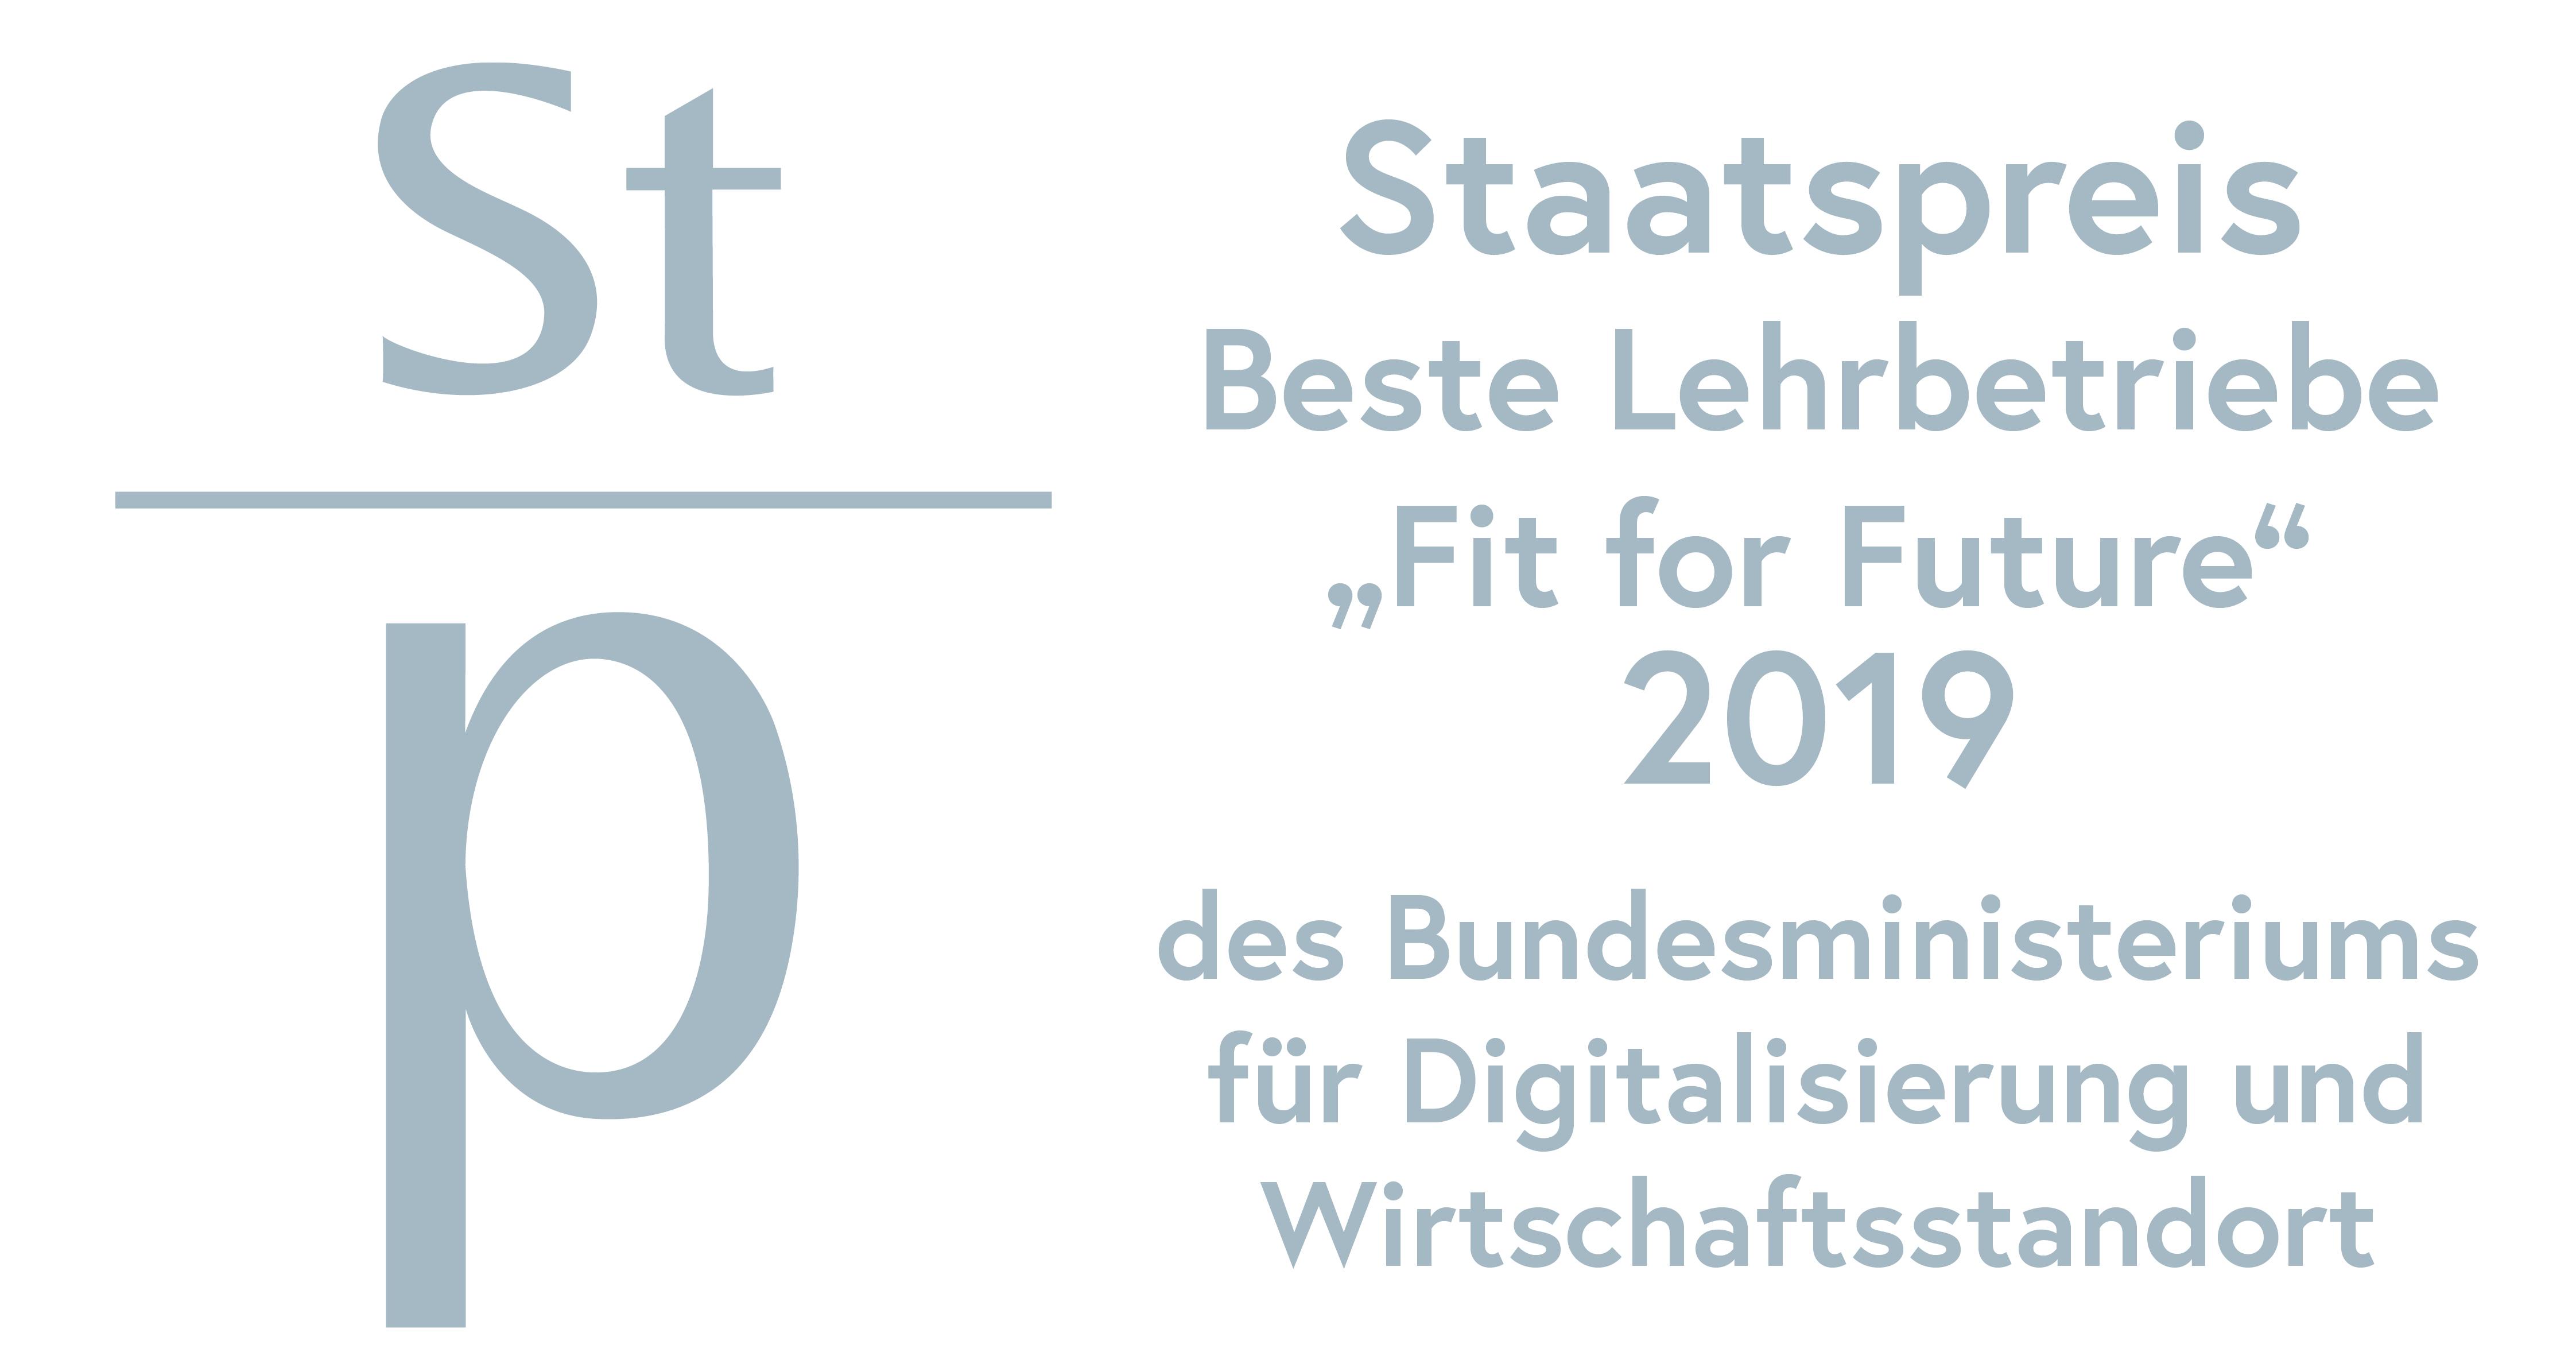 Kennzeichen-Beste-Lehrbetriebe-2019_2_